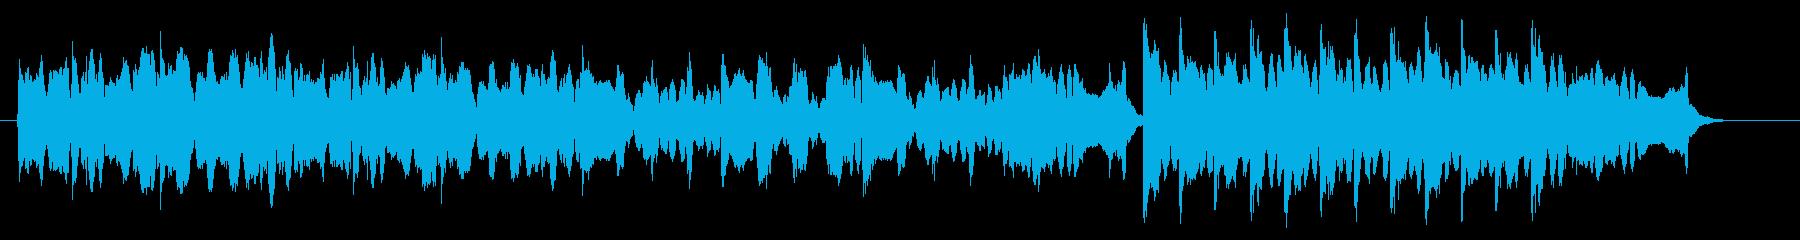 フィドルによる陽気なケルト・アイリッシュの再生済みの波形